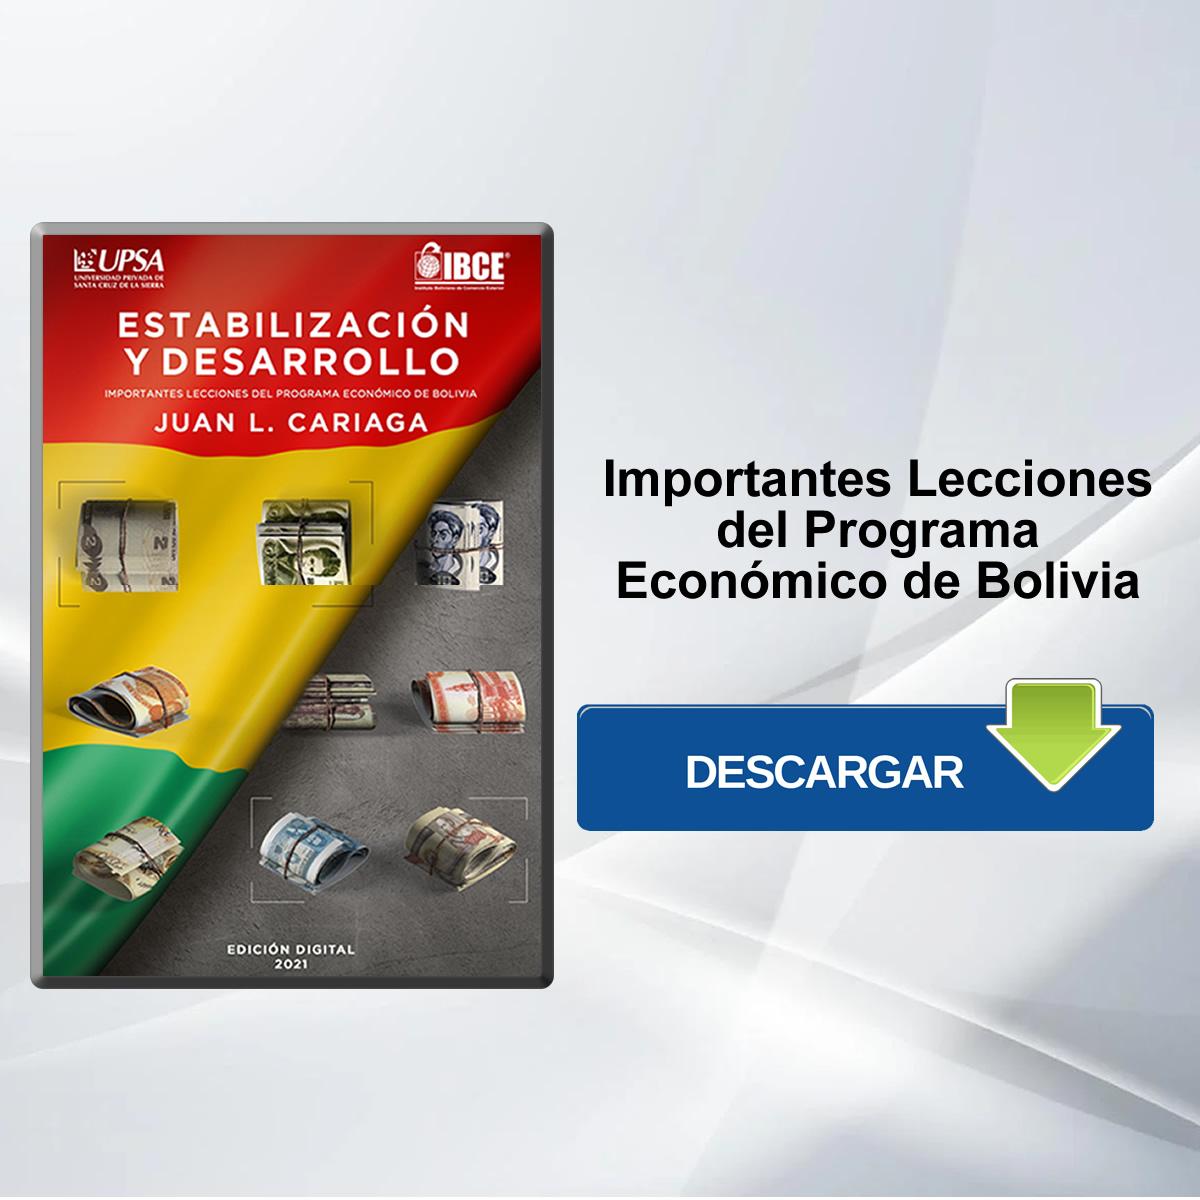 DESCARGA GRATIS: ESTABILIDAD Y DESARROLLO: Importantes Lecciones del Programa Económico de Bolivia